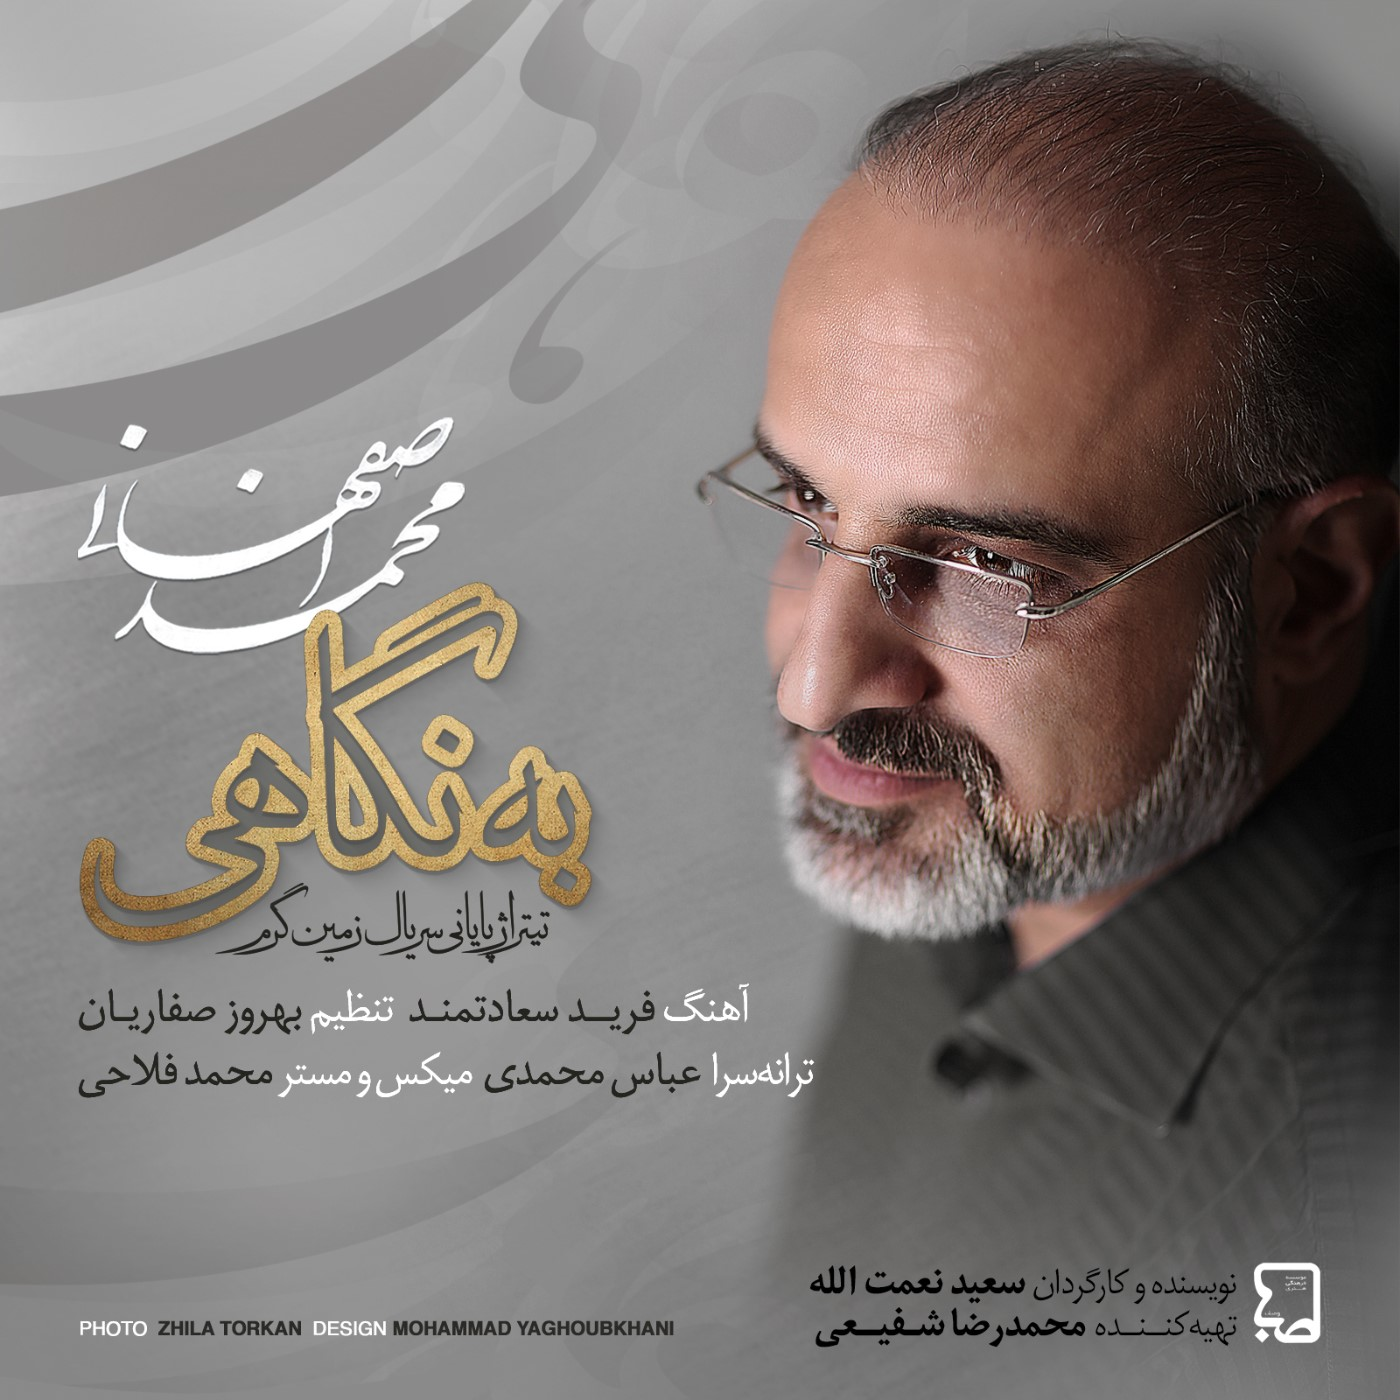 دانلود موزیک جدید محمد اصفهانی به نگاهی